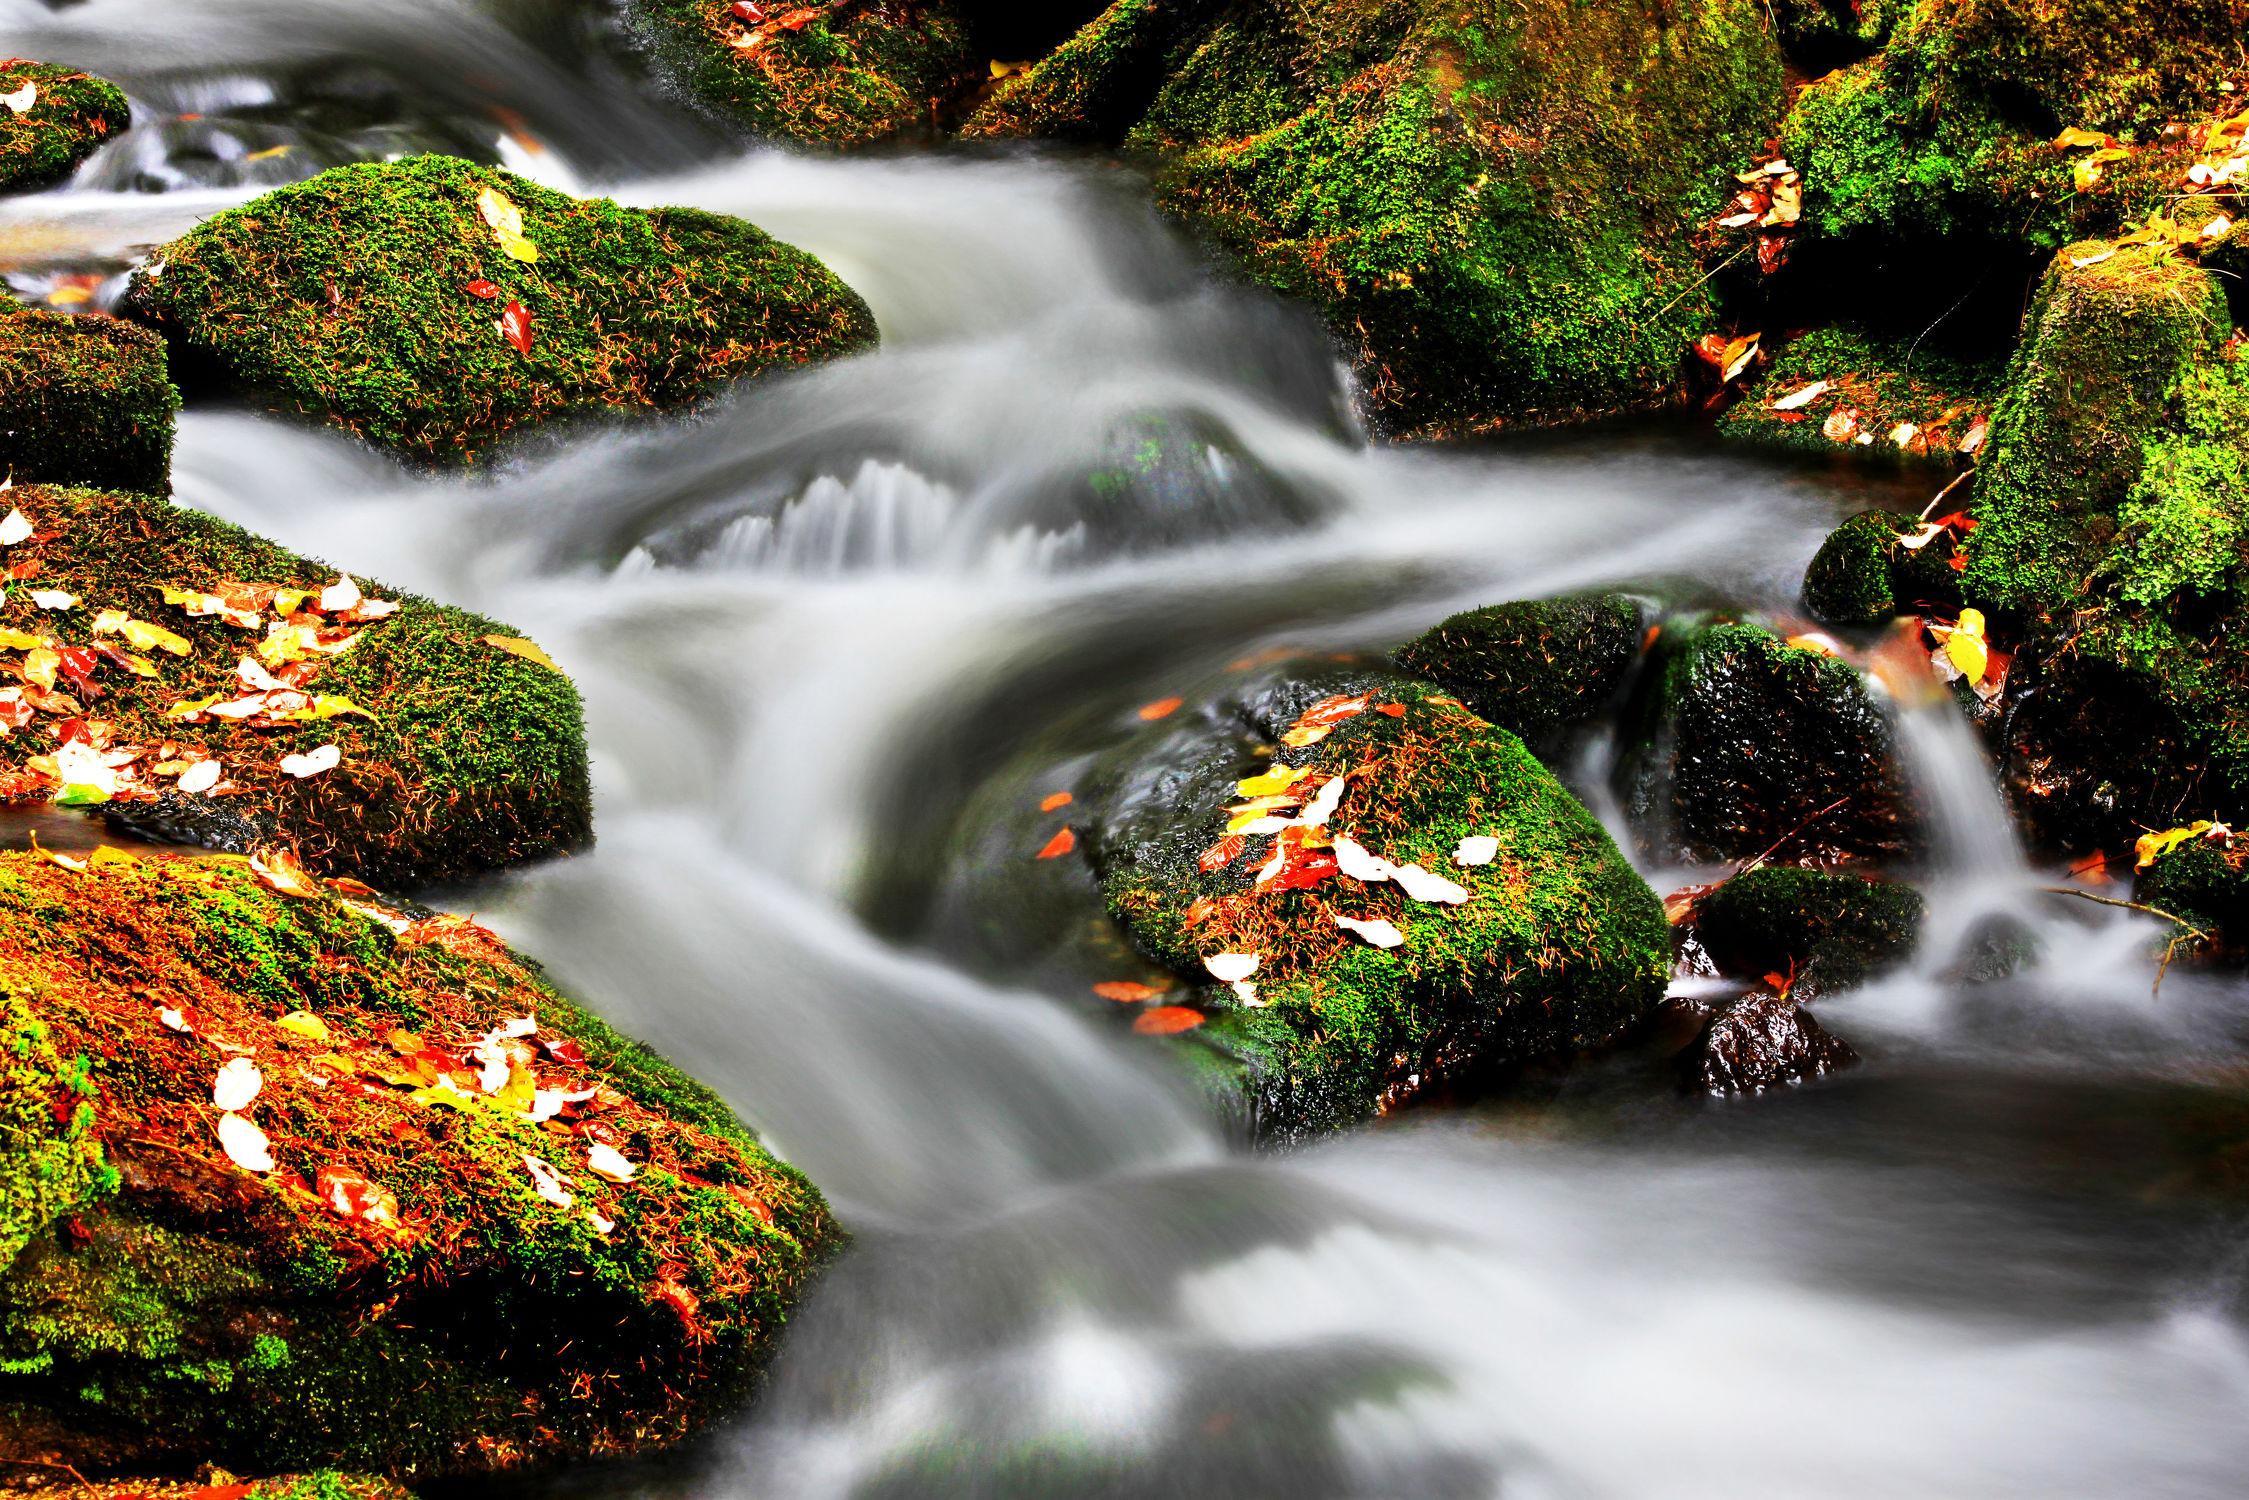 Bild mit Wasser, Wälder, Wasserfälle, Wald, Bach, Waldbach, Wasserfall, Bach im Wald